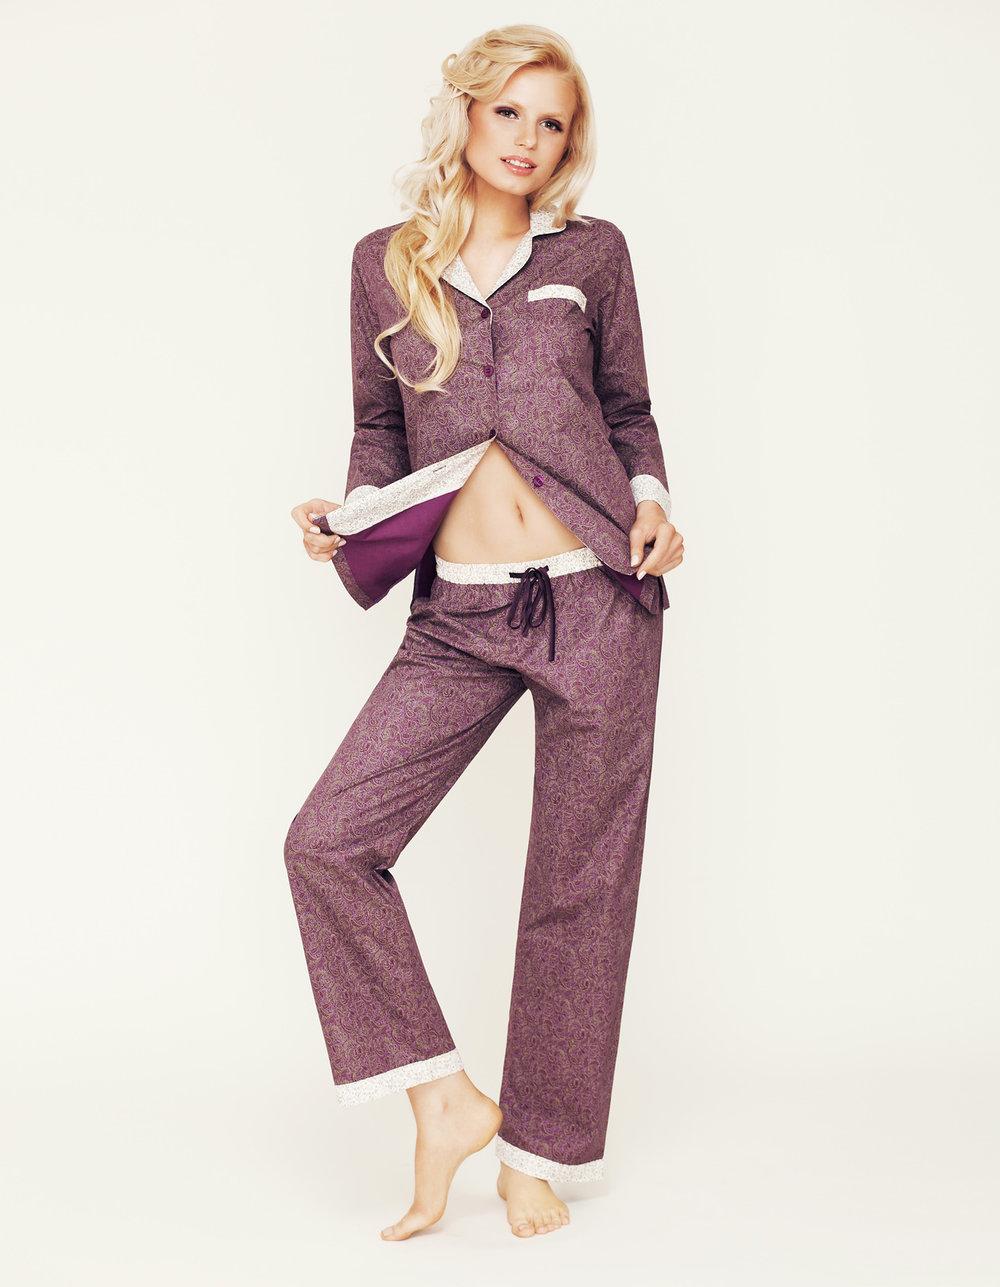 pijamas__MG_8091.jpg